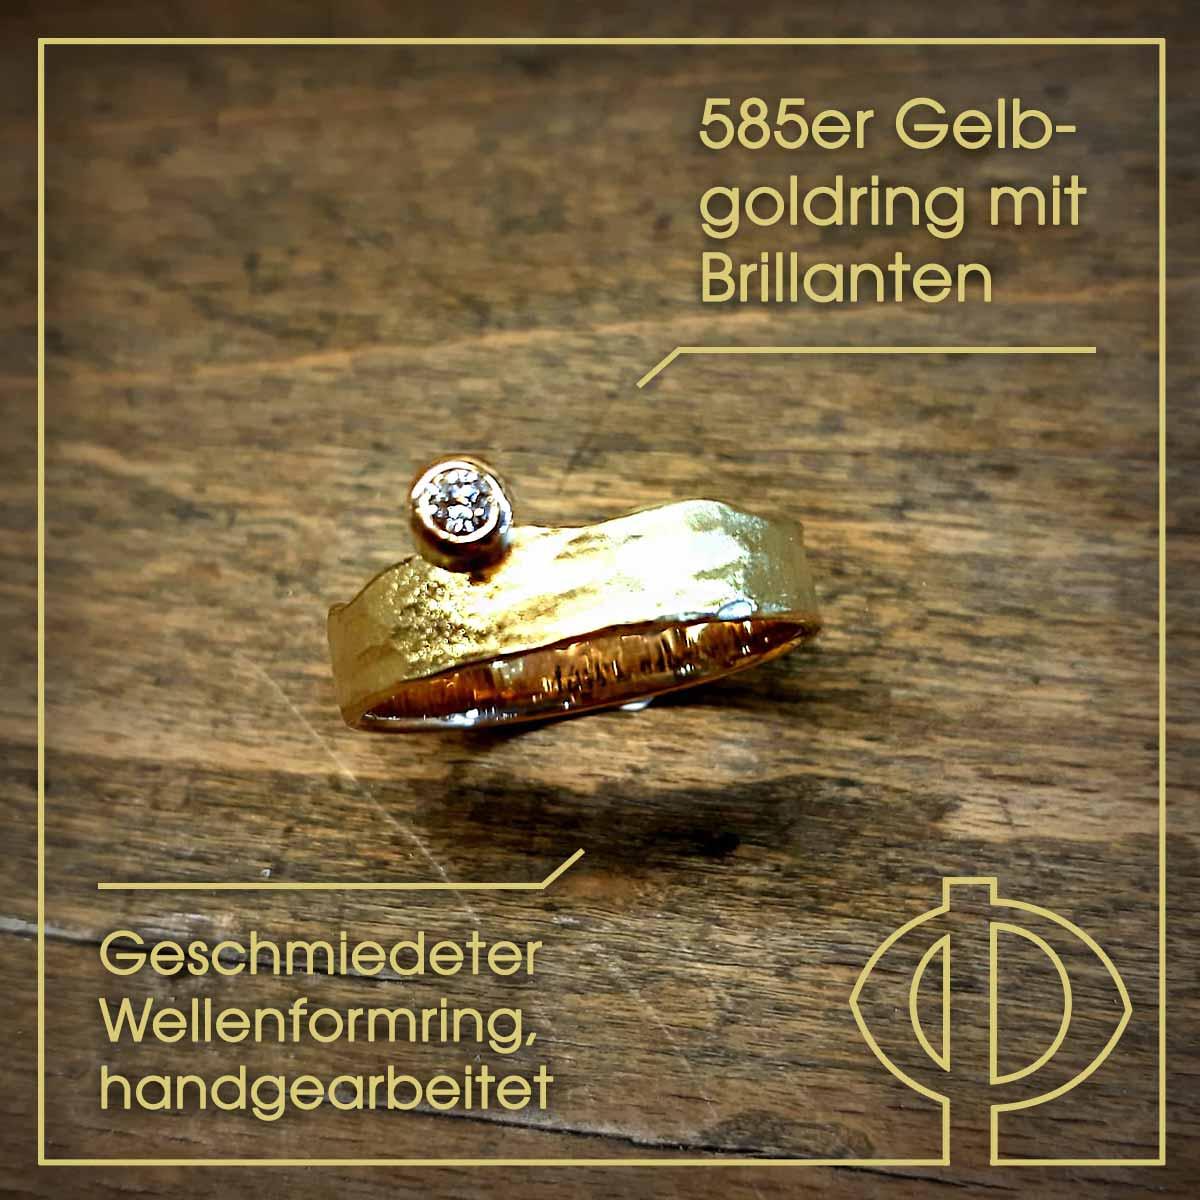 585er Gelbgoldring mit Brillanten - geschmiedeter, handgearbeitet Wellenformring